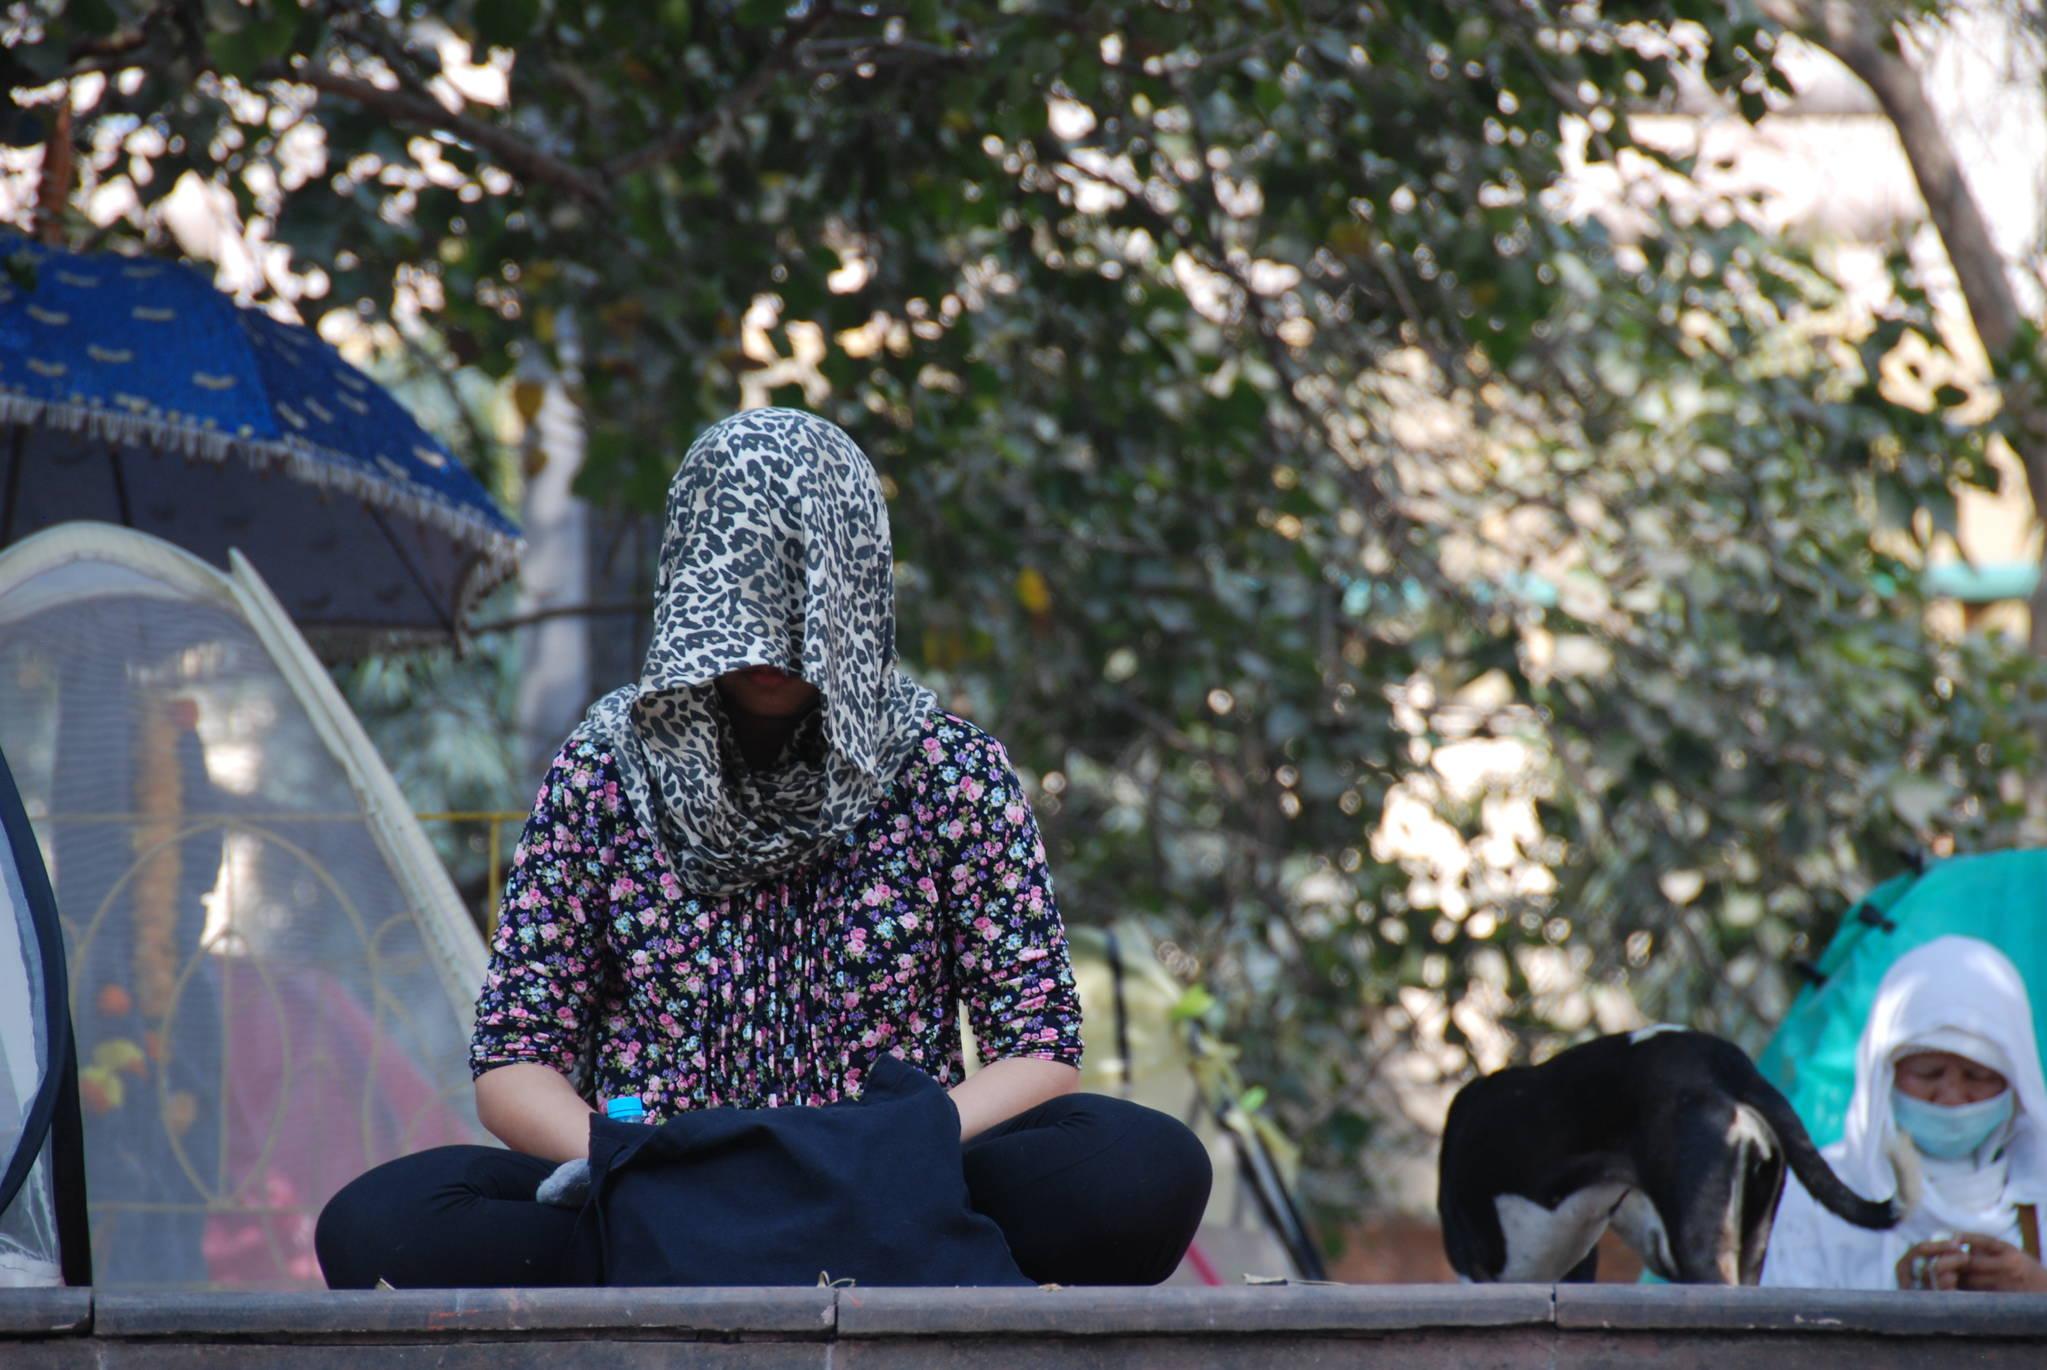 보드가야의 보리수 아래서 한 여성 순례객이 스카프를 둘러쓴 채 명상에 잠겨 있다.